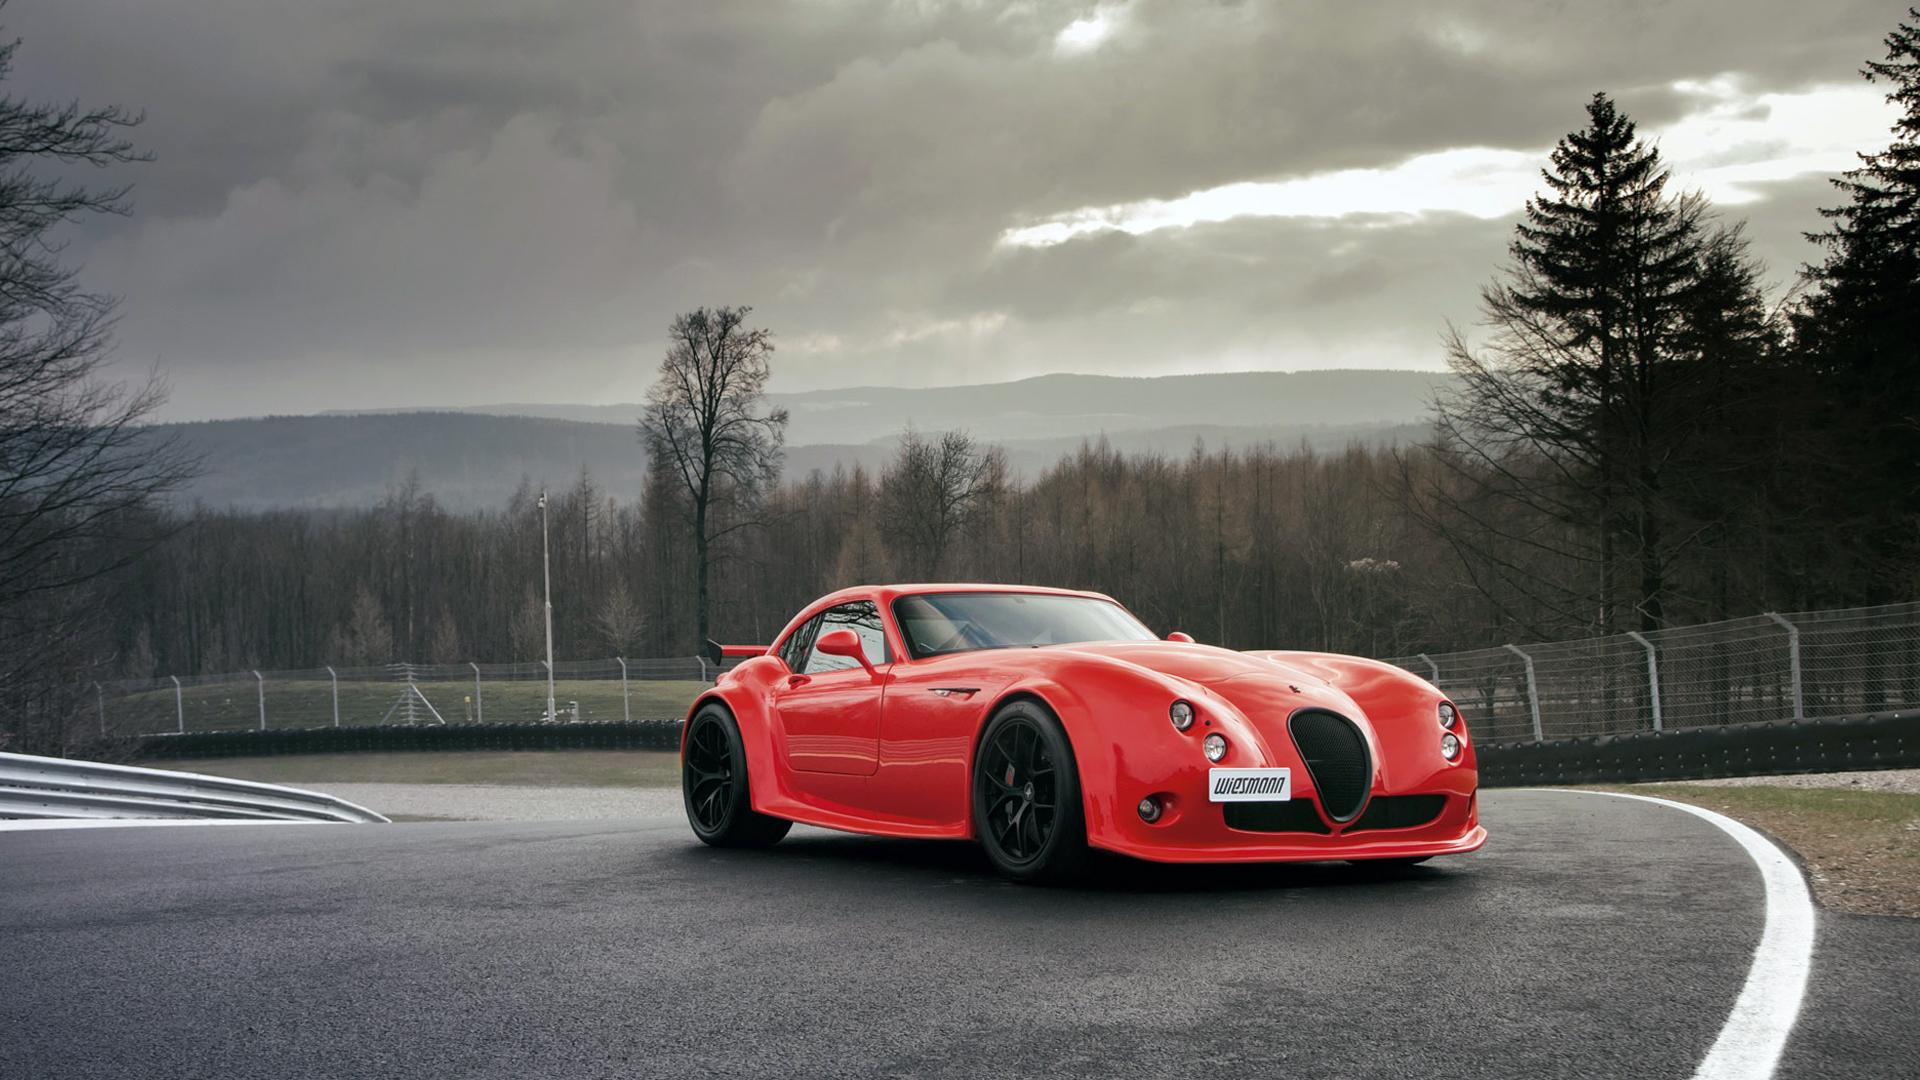 Автомобили с ретро-дизайном, которые выпускаются в наши дни. Фото 3